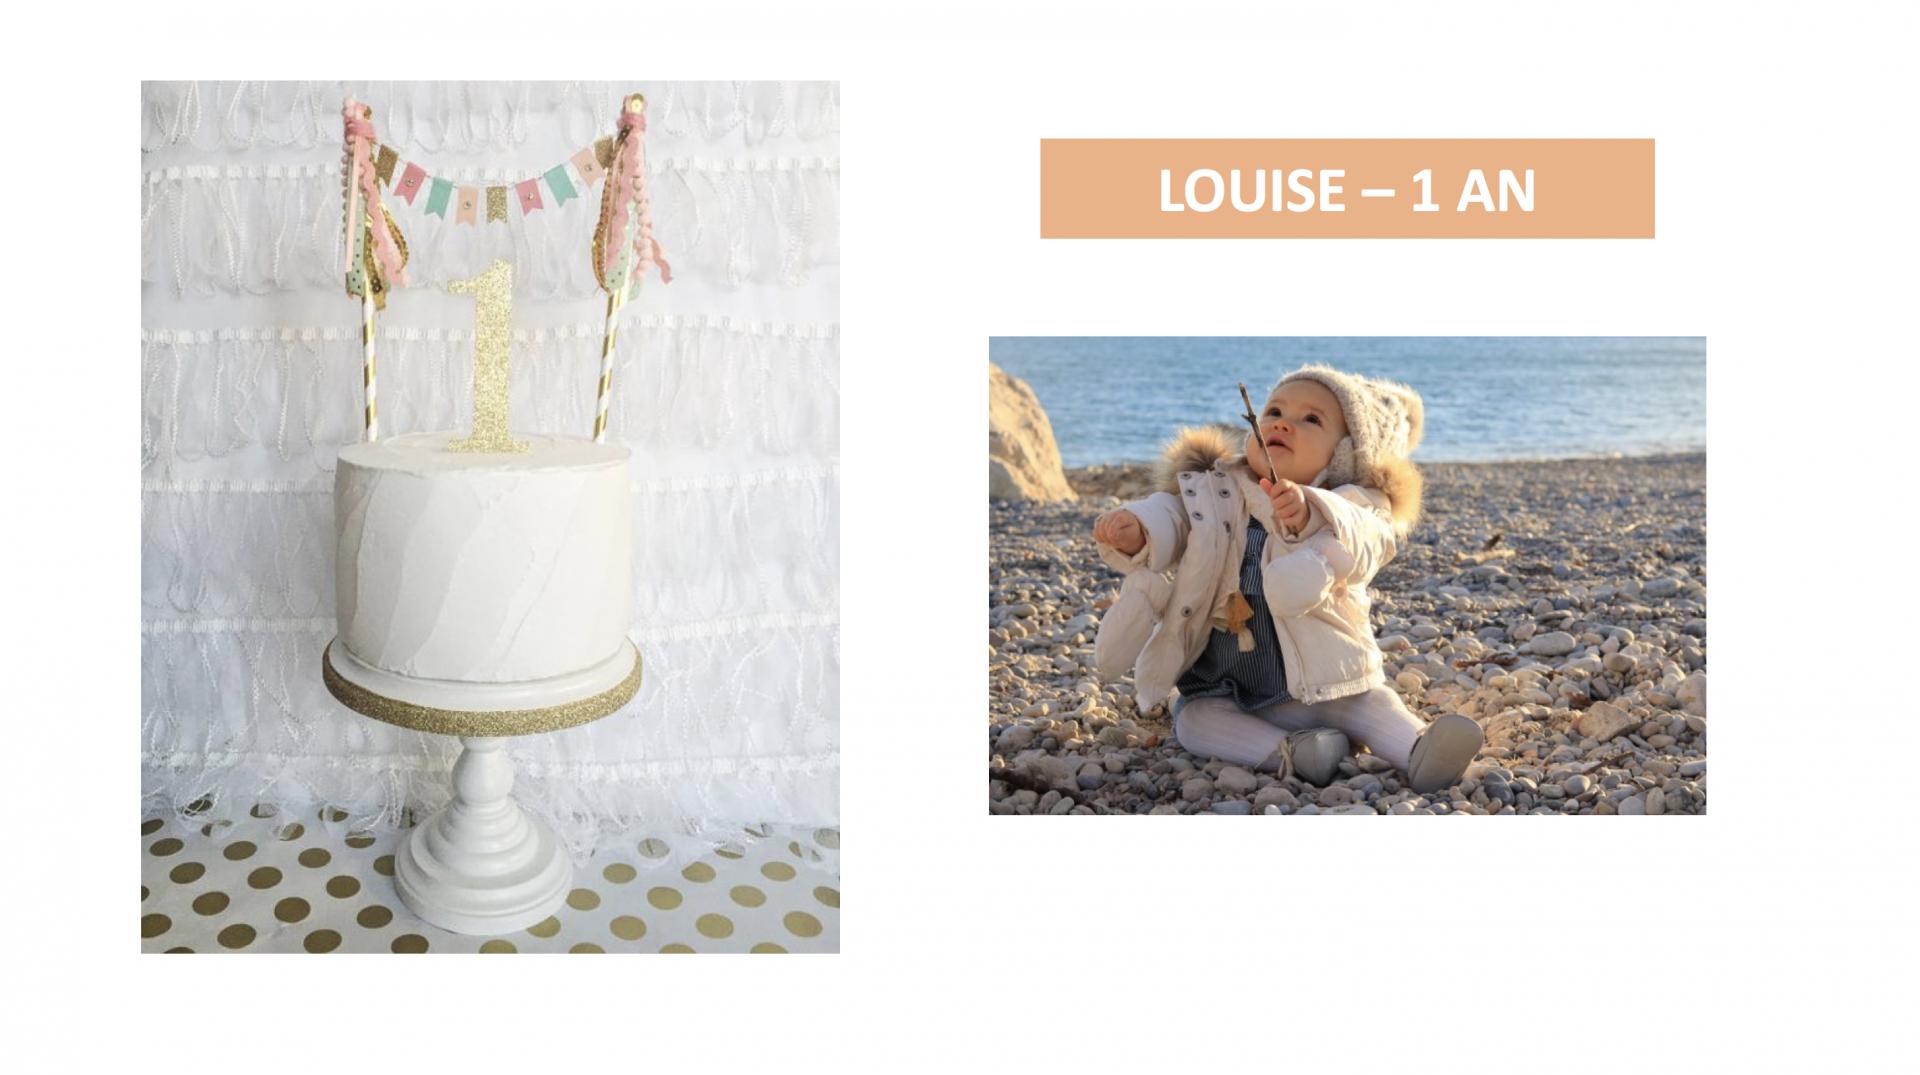 Idee Cadeau 1 An.Liste Cadeaux Anniversaire Louise 1 An Juste Maudinette